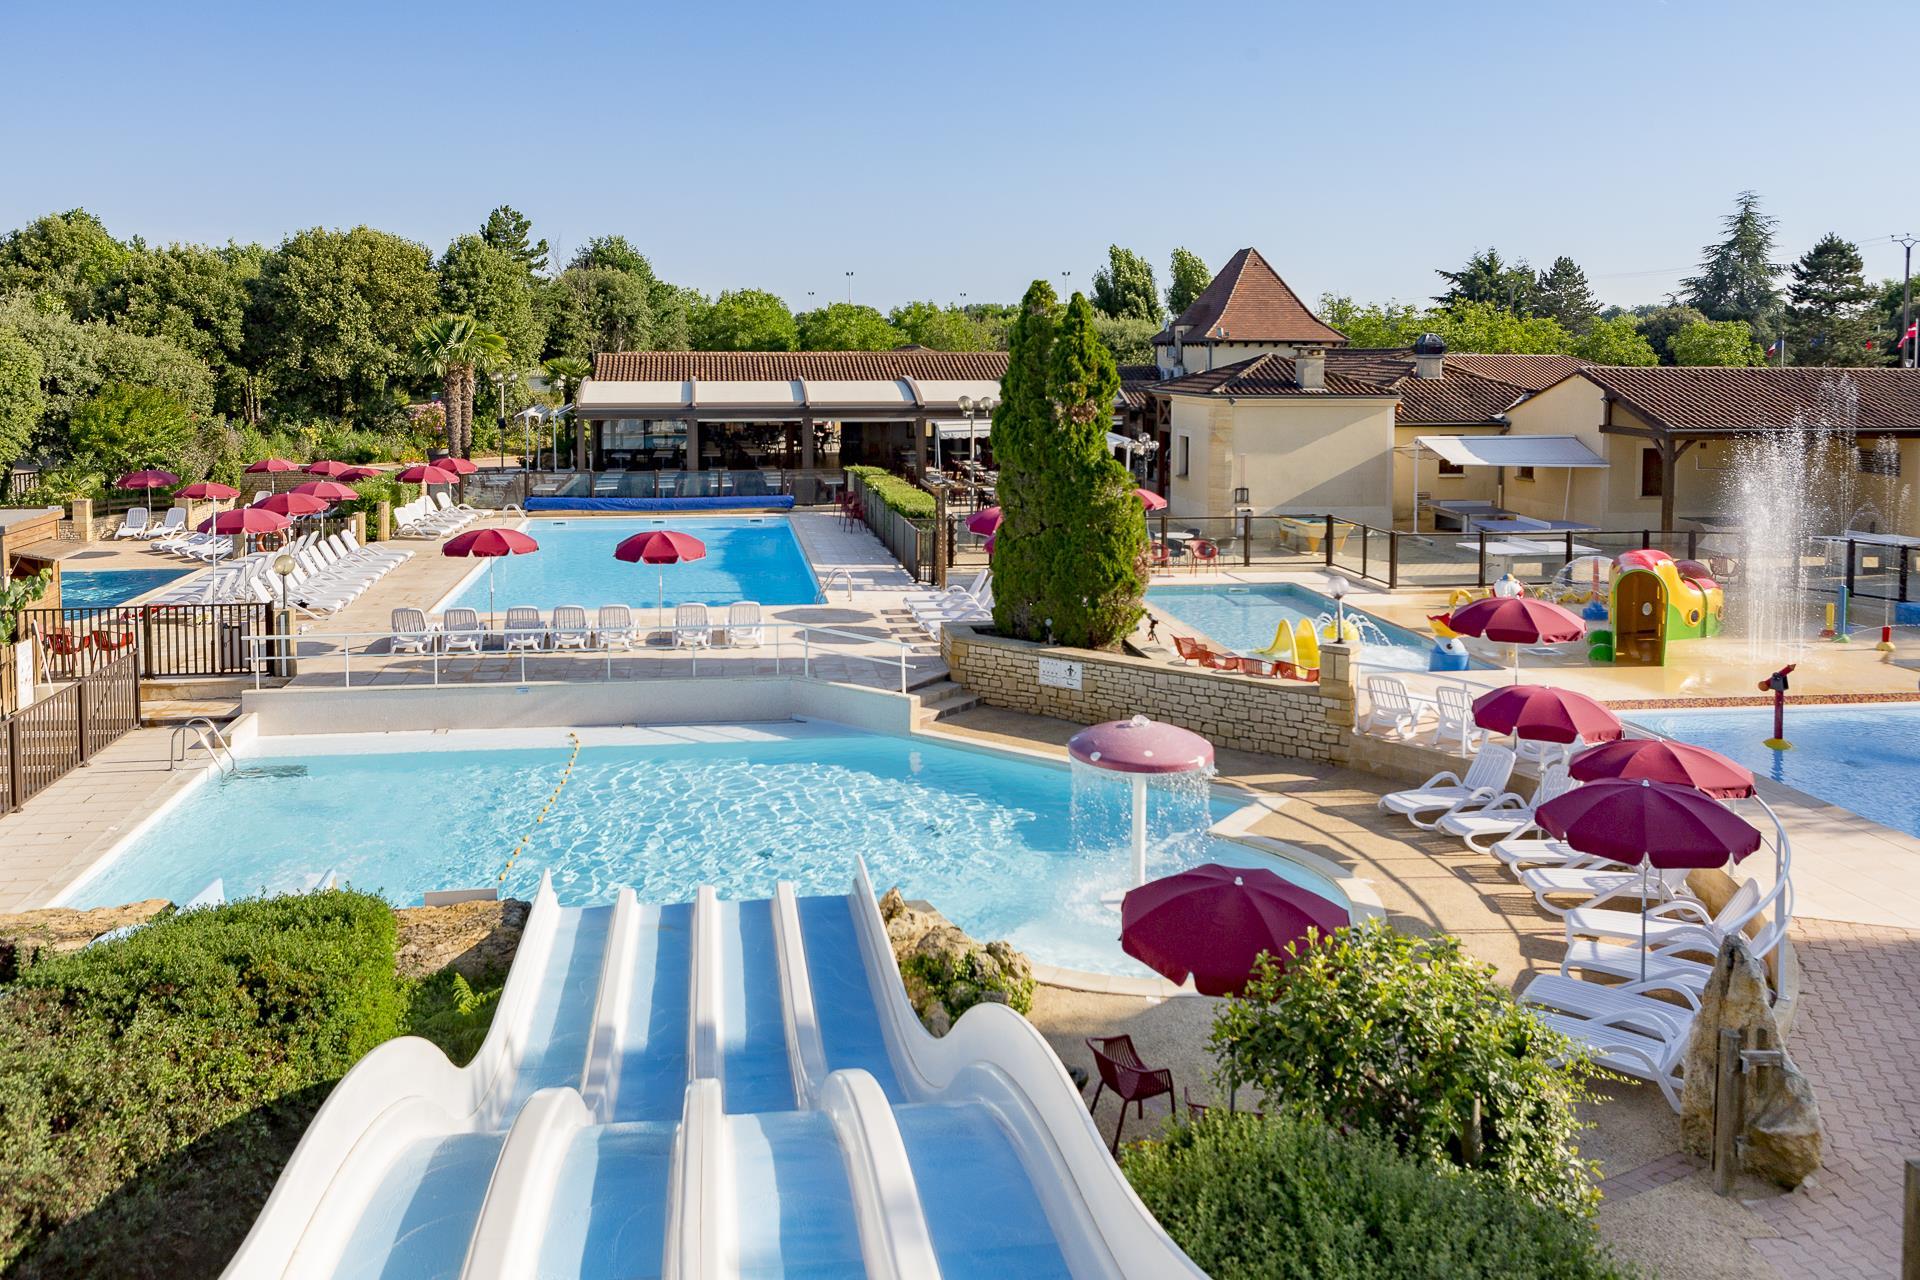 Camping les Peneyrals, Saint-Crepin-et-Carlucet, Dordogne